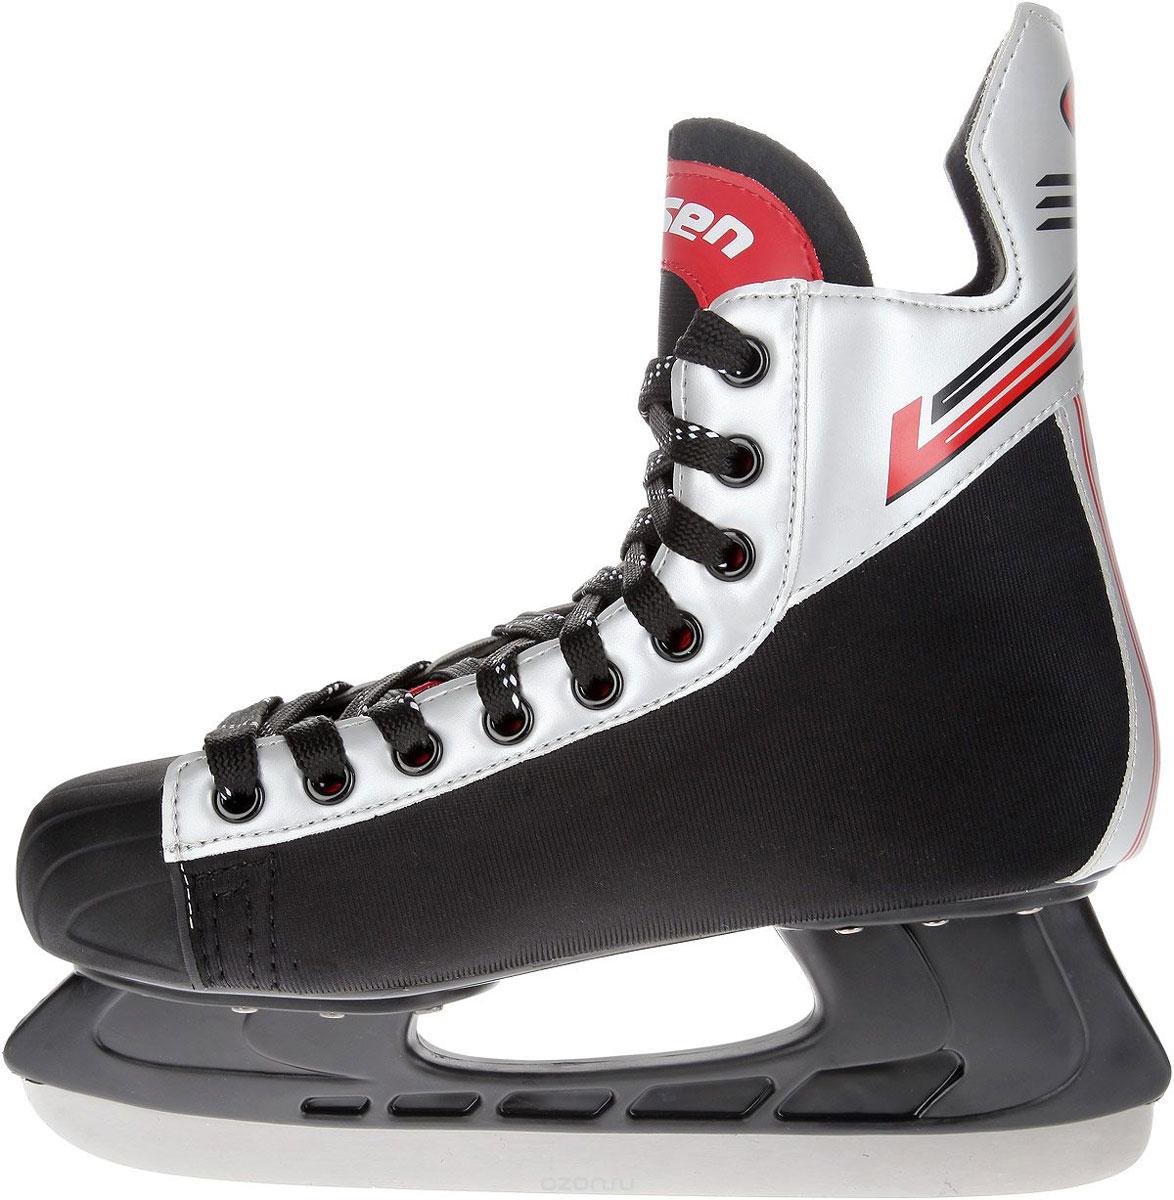 Коньки хоккейные мужские Larsen Alex, цвет: черный, серебристый, красный. Размер 40AlexСтильные коньки Alex от Larsen прекрасно подойдут для начинающих игроков в хоккей. Ботинок выполнен из нейлона и морозоустойчивого поливинилхлорида. Мыс дополнен вставкой из полиуретана, которая защитит ноги от ударов. Внутренний слой изготовлен из мягкого текстиля, который обеспечит тепло и комфорт во время катания, язычок - из войлока. Плотная шнуровка надежно фиксирует модель на ноге. Голеностоп имеет удобный суппорт. Стелька из EVA с текстильной поверхностью обеспечит комфортное катание. Стойка выполнена из ударопрочного полипропилена. Лезвие из нержавеющей стали обеспечит превосходное скольжение. В комплект входят пластиковые чехлы для лезвий.